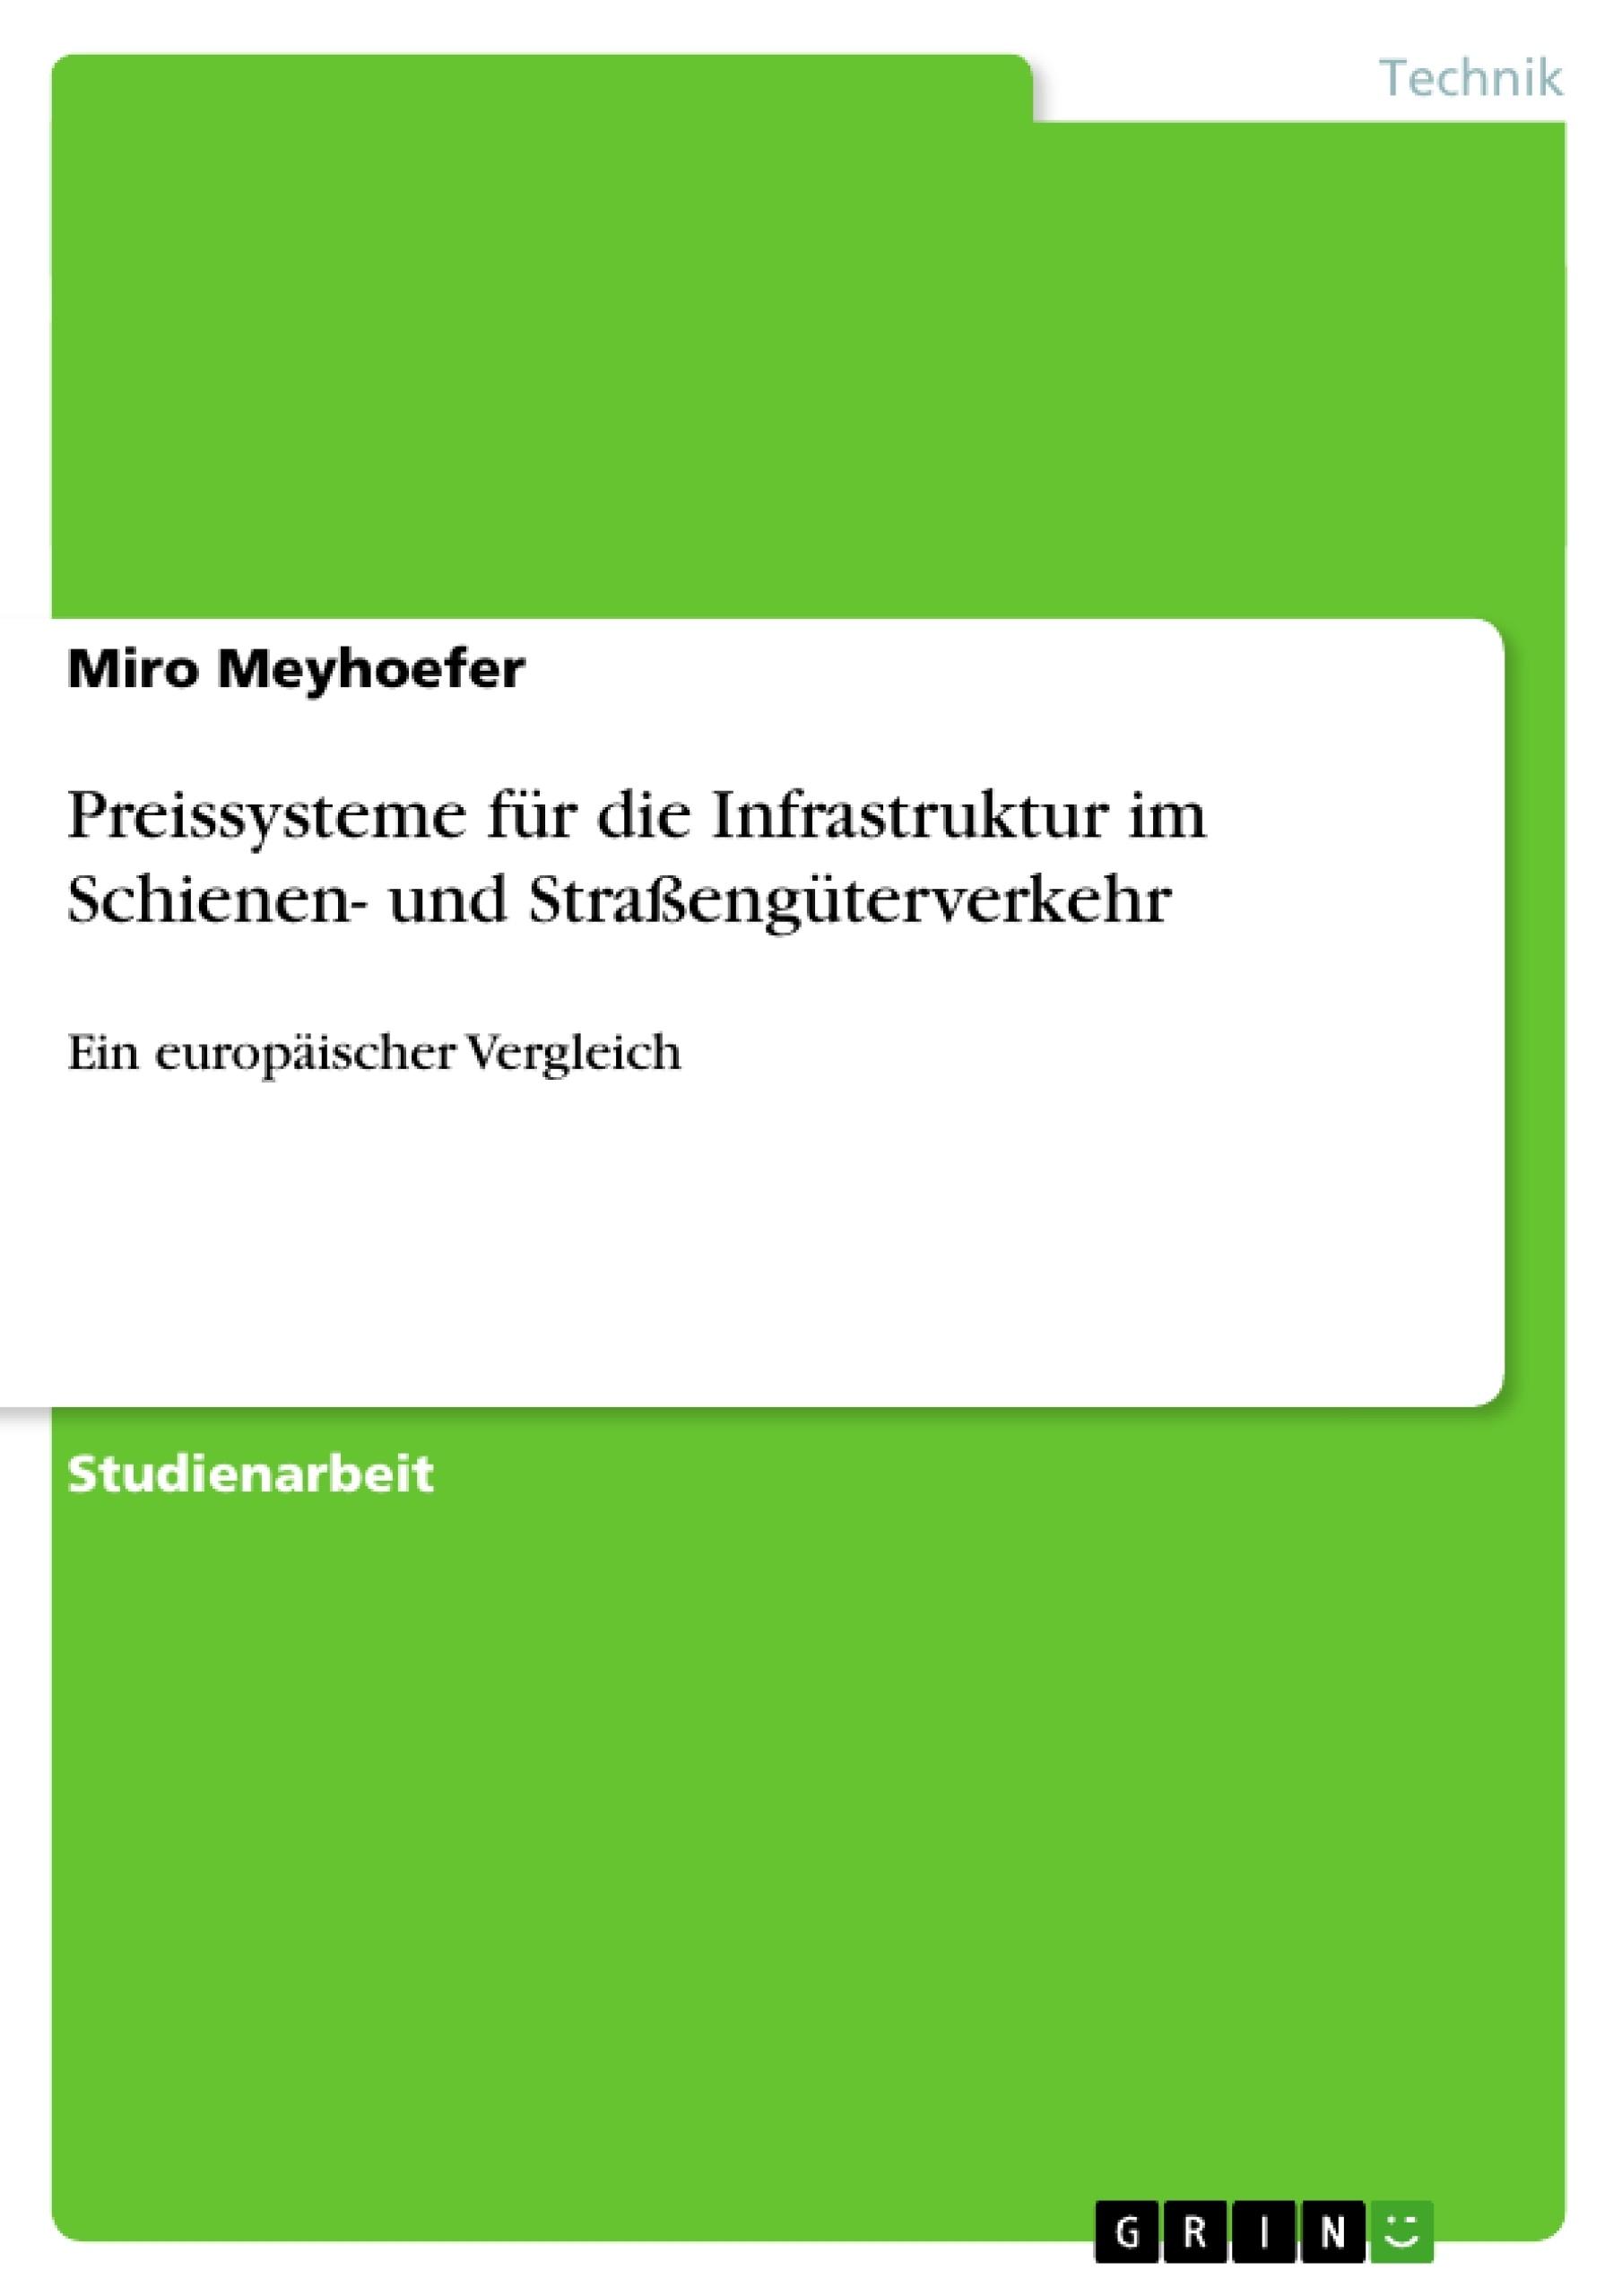 Titel: Preissysteme für die Infrastruktur im Schienen- und Straßengüterverkehr